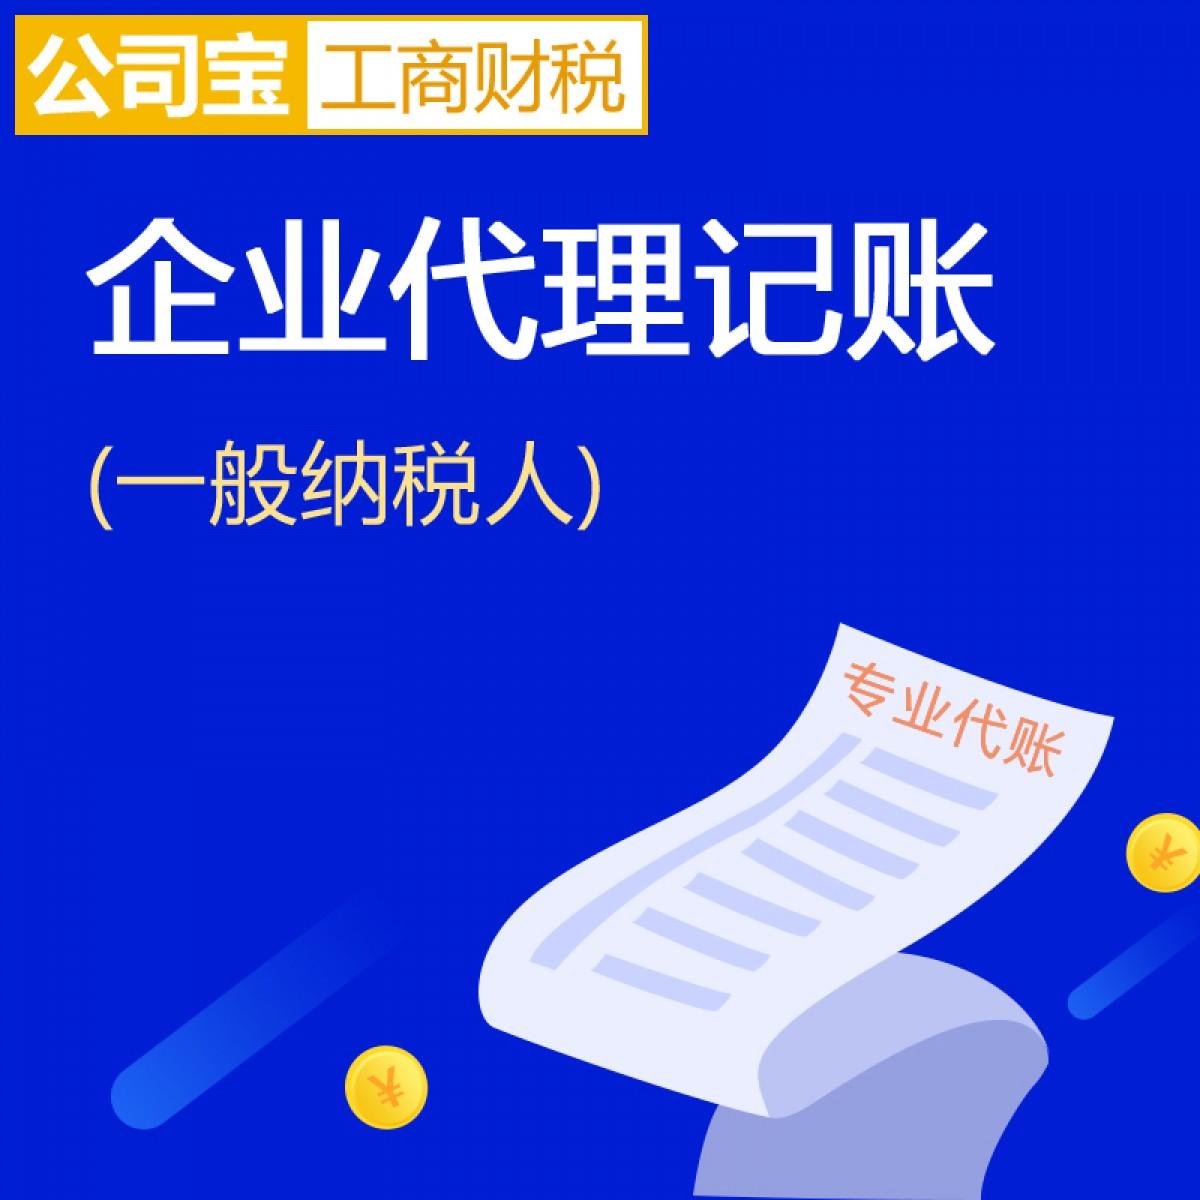 代理記賬 一般納稅人企業代理記賬 月/季度/半年/年代理記賬 公司寶工商財稅 北京